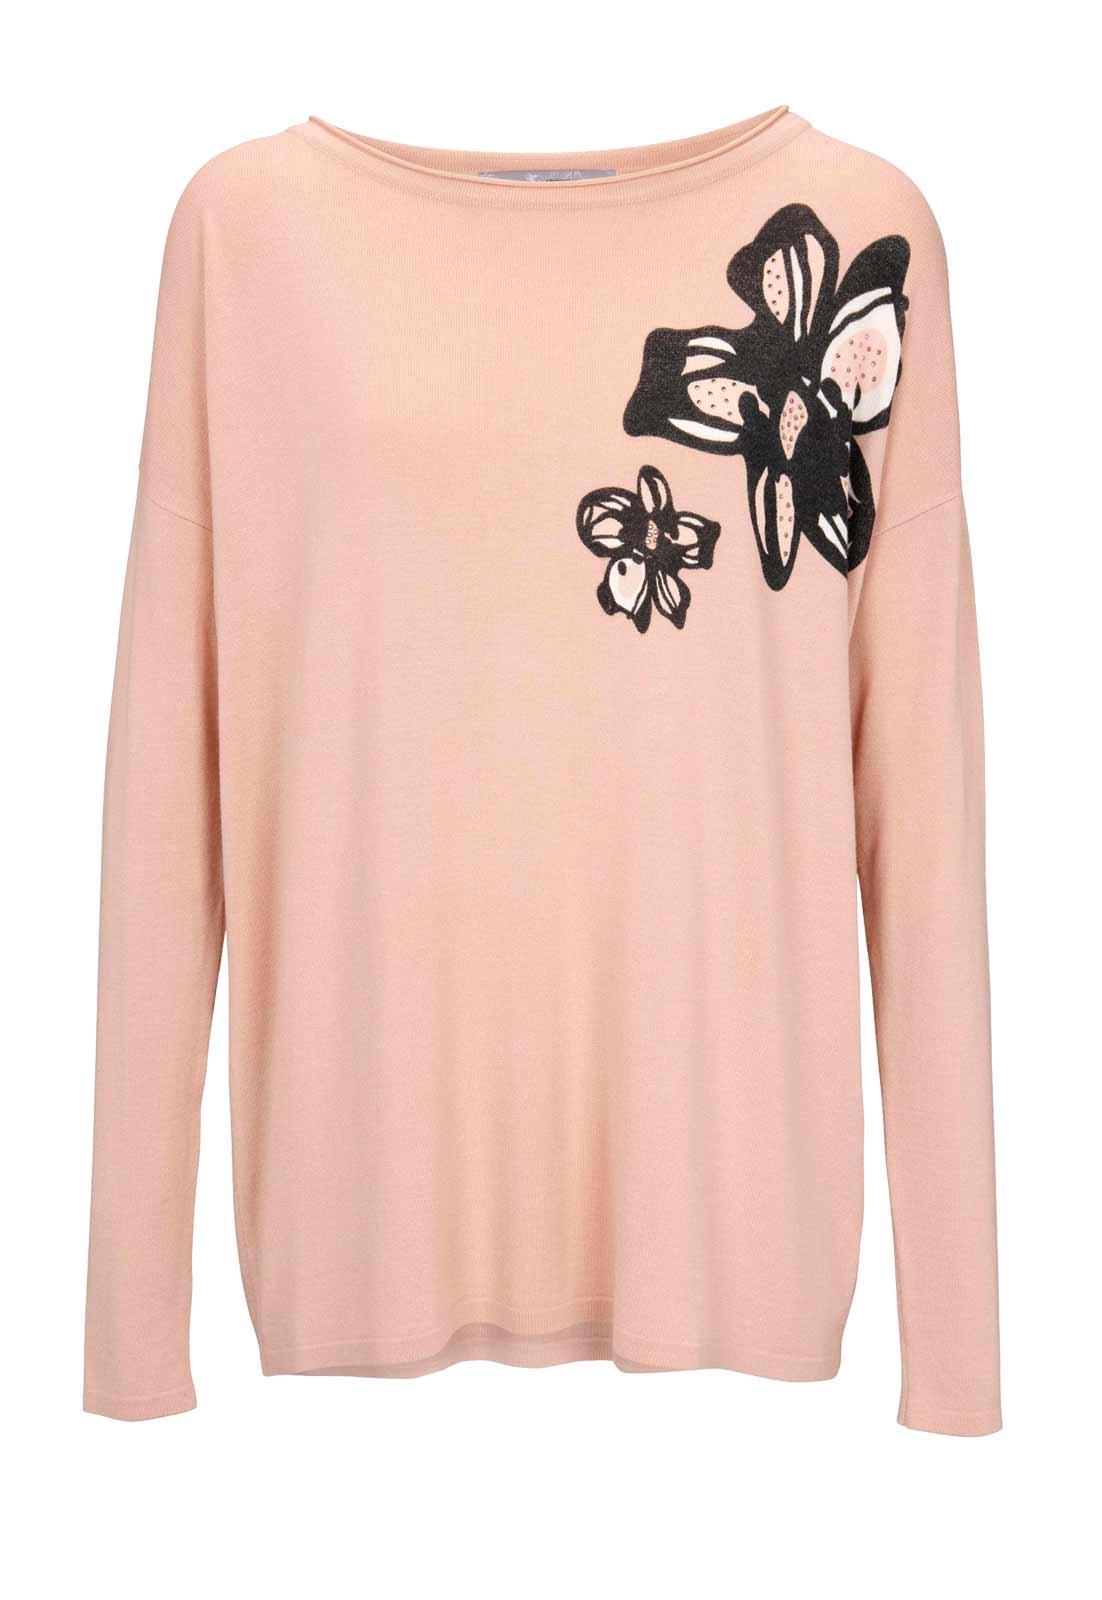 020.906 ASHLEY BROOKE Damen Designer-Feinstrickpullover Rosé Rosa Blumen Muster